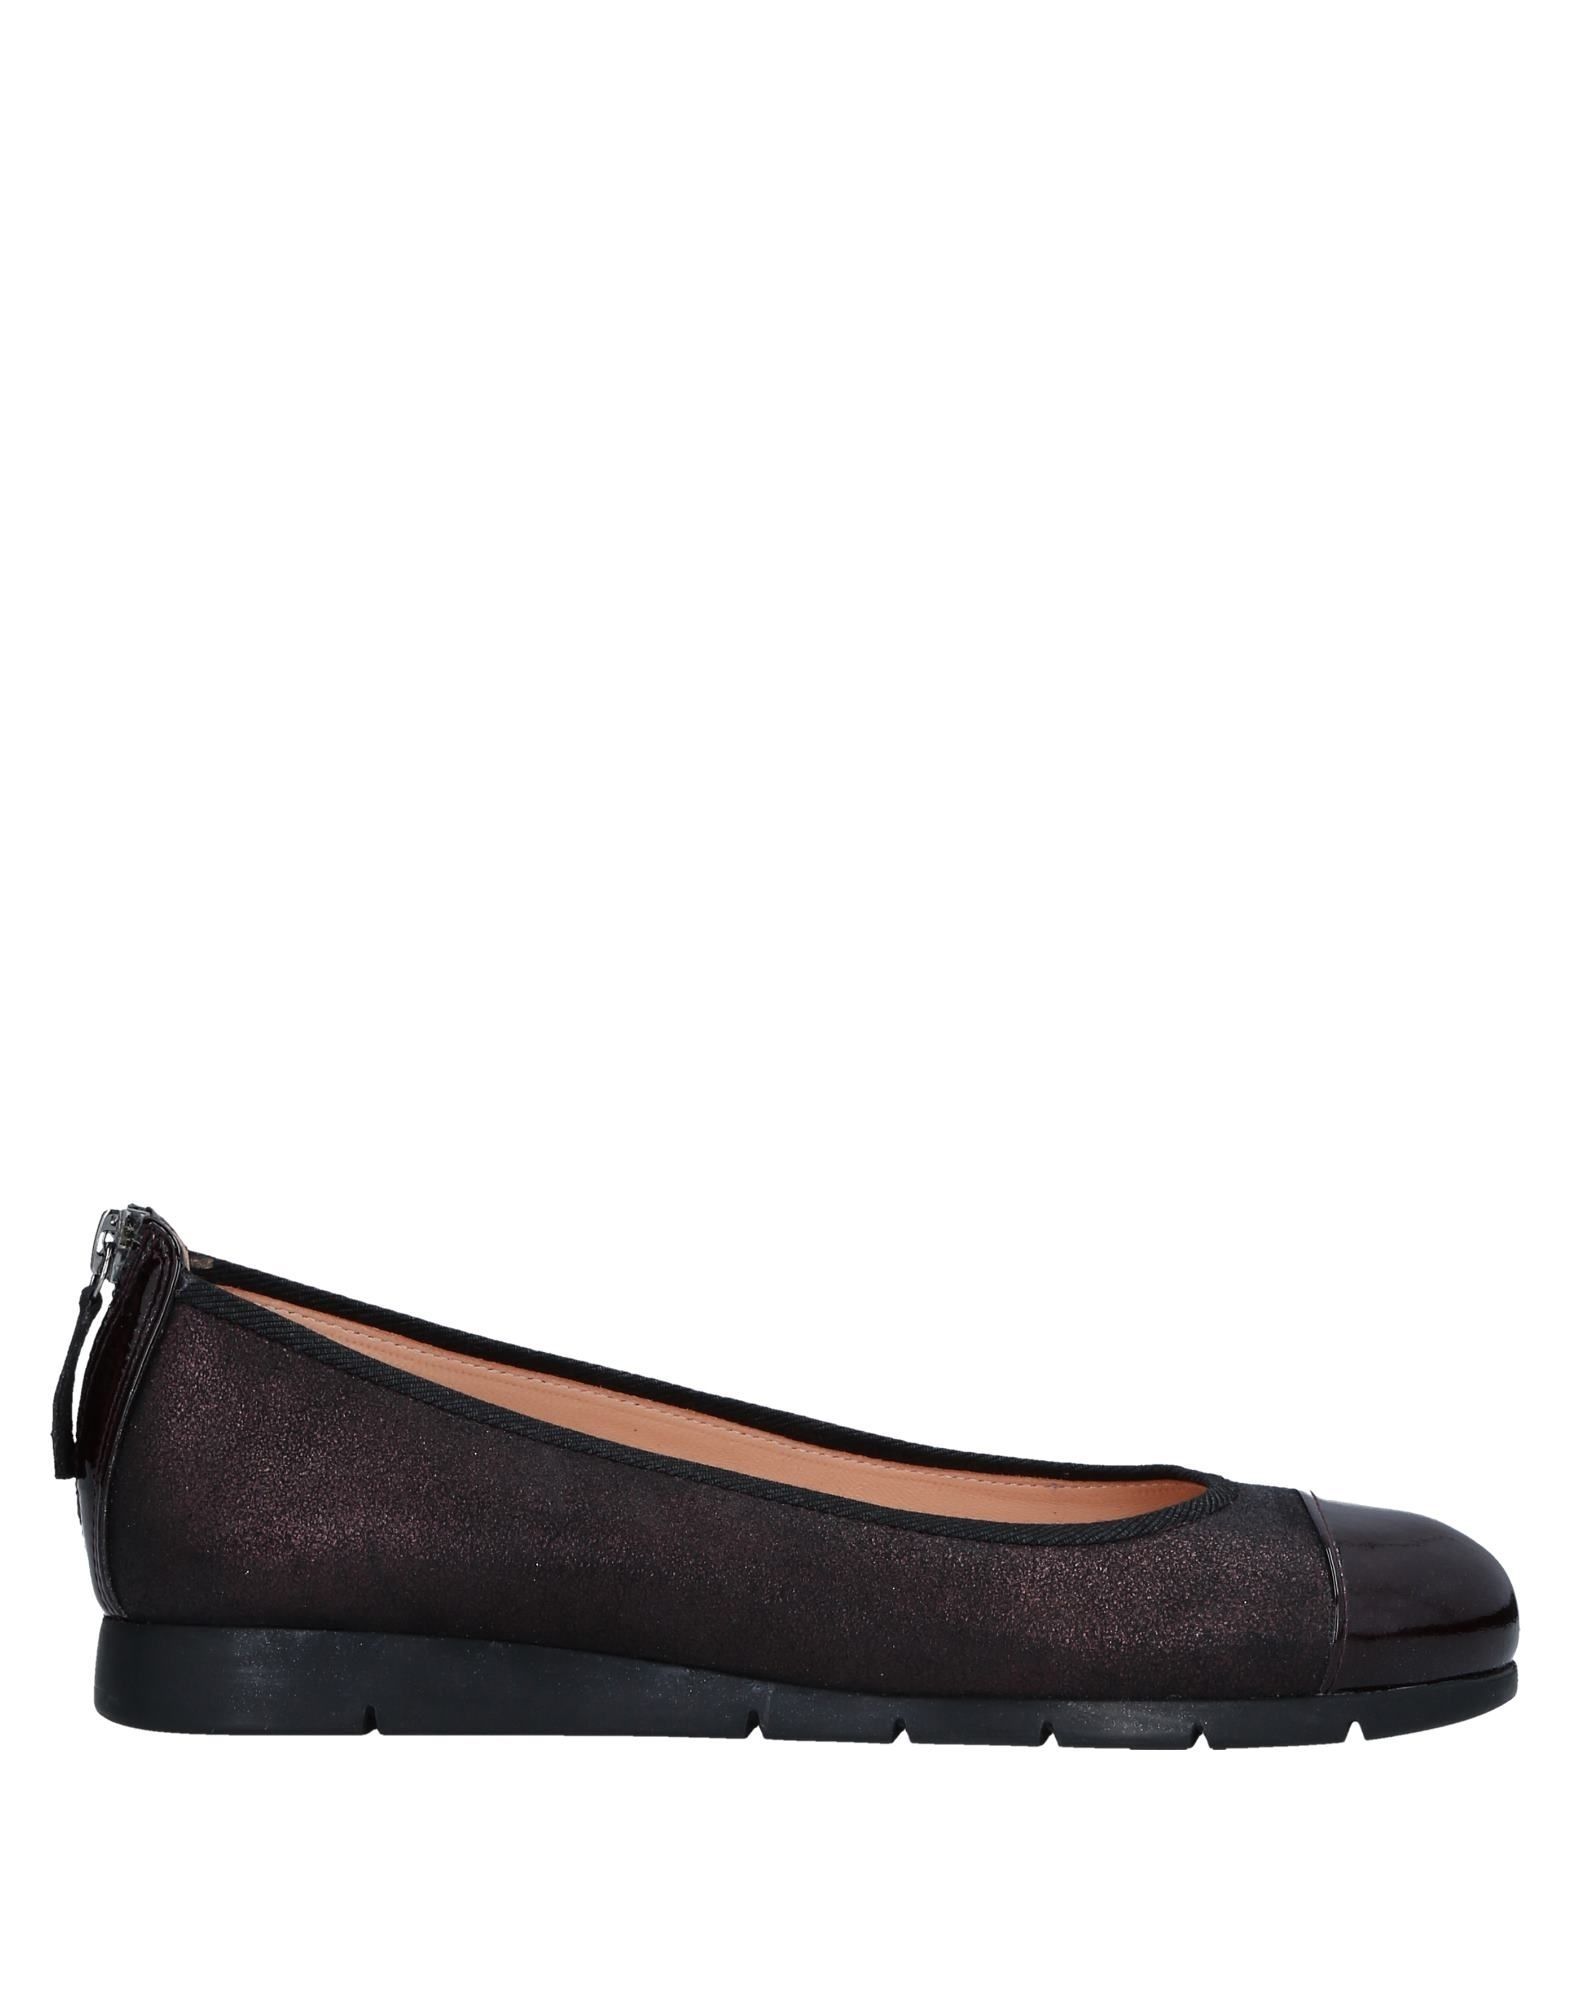 Unisa Ballerinas Damen  11536223KB Gute Qualität beliebte Schuhe